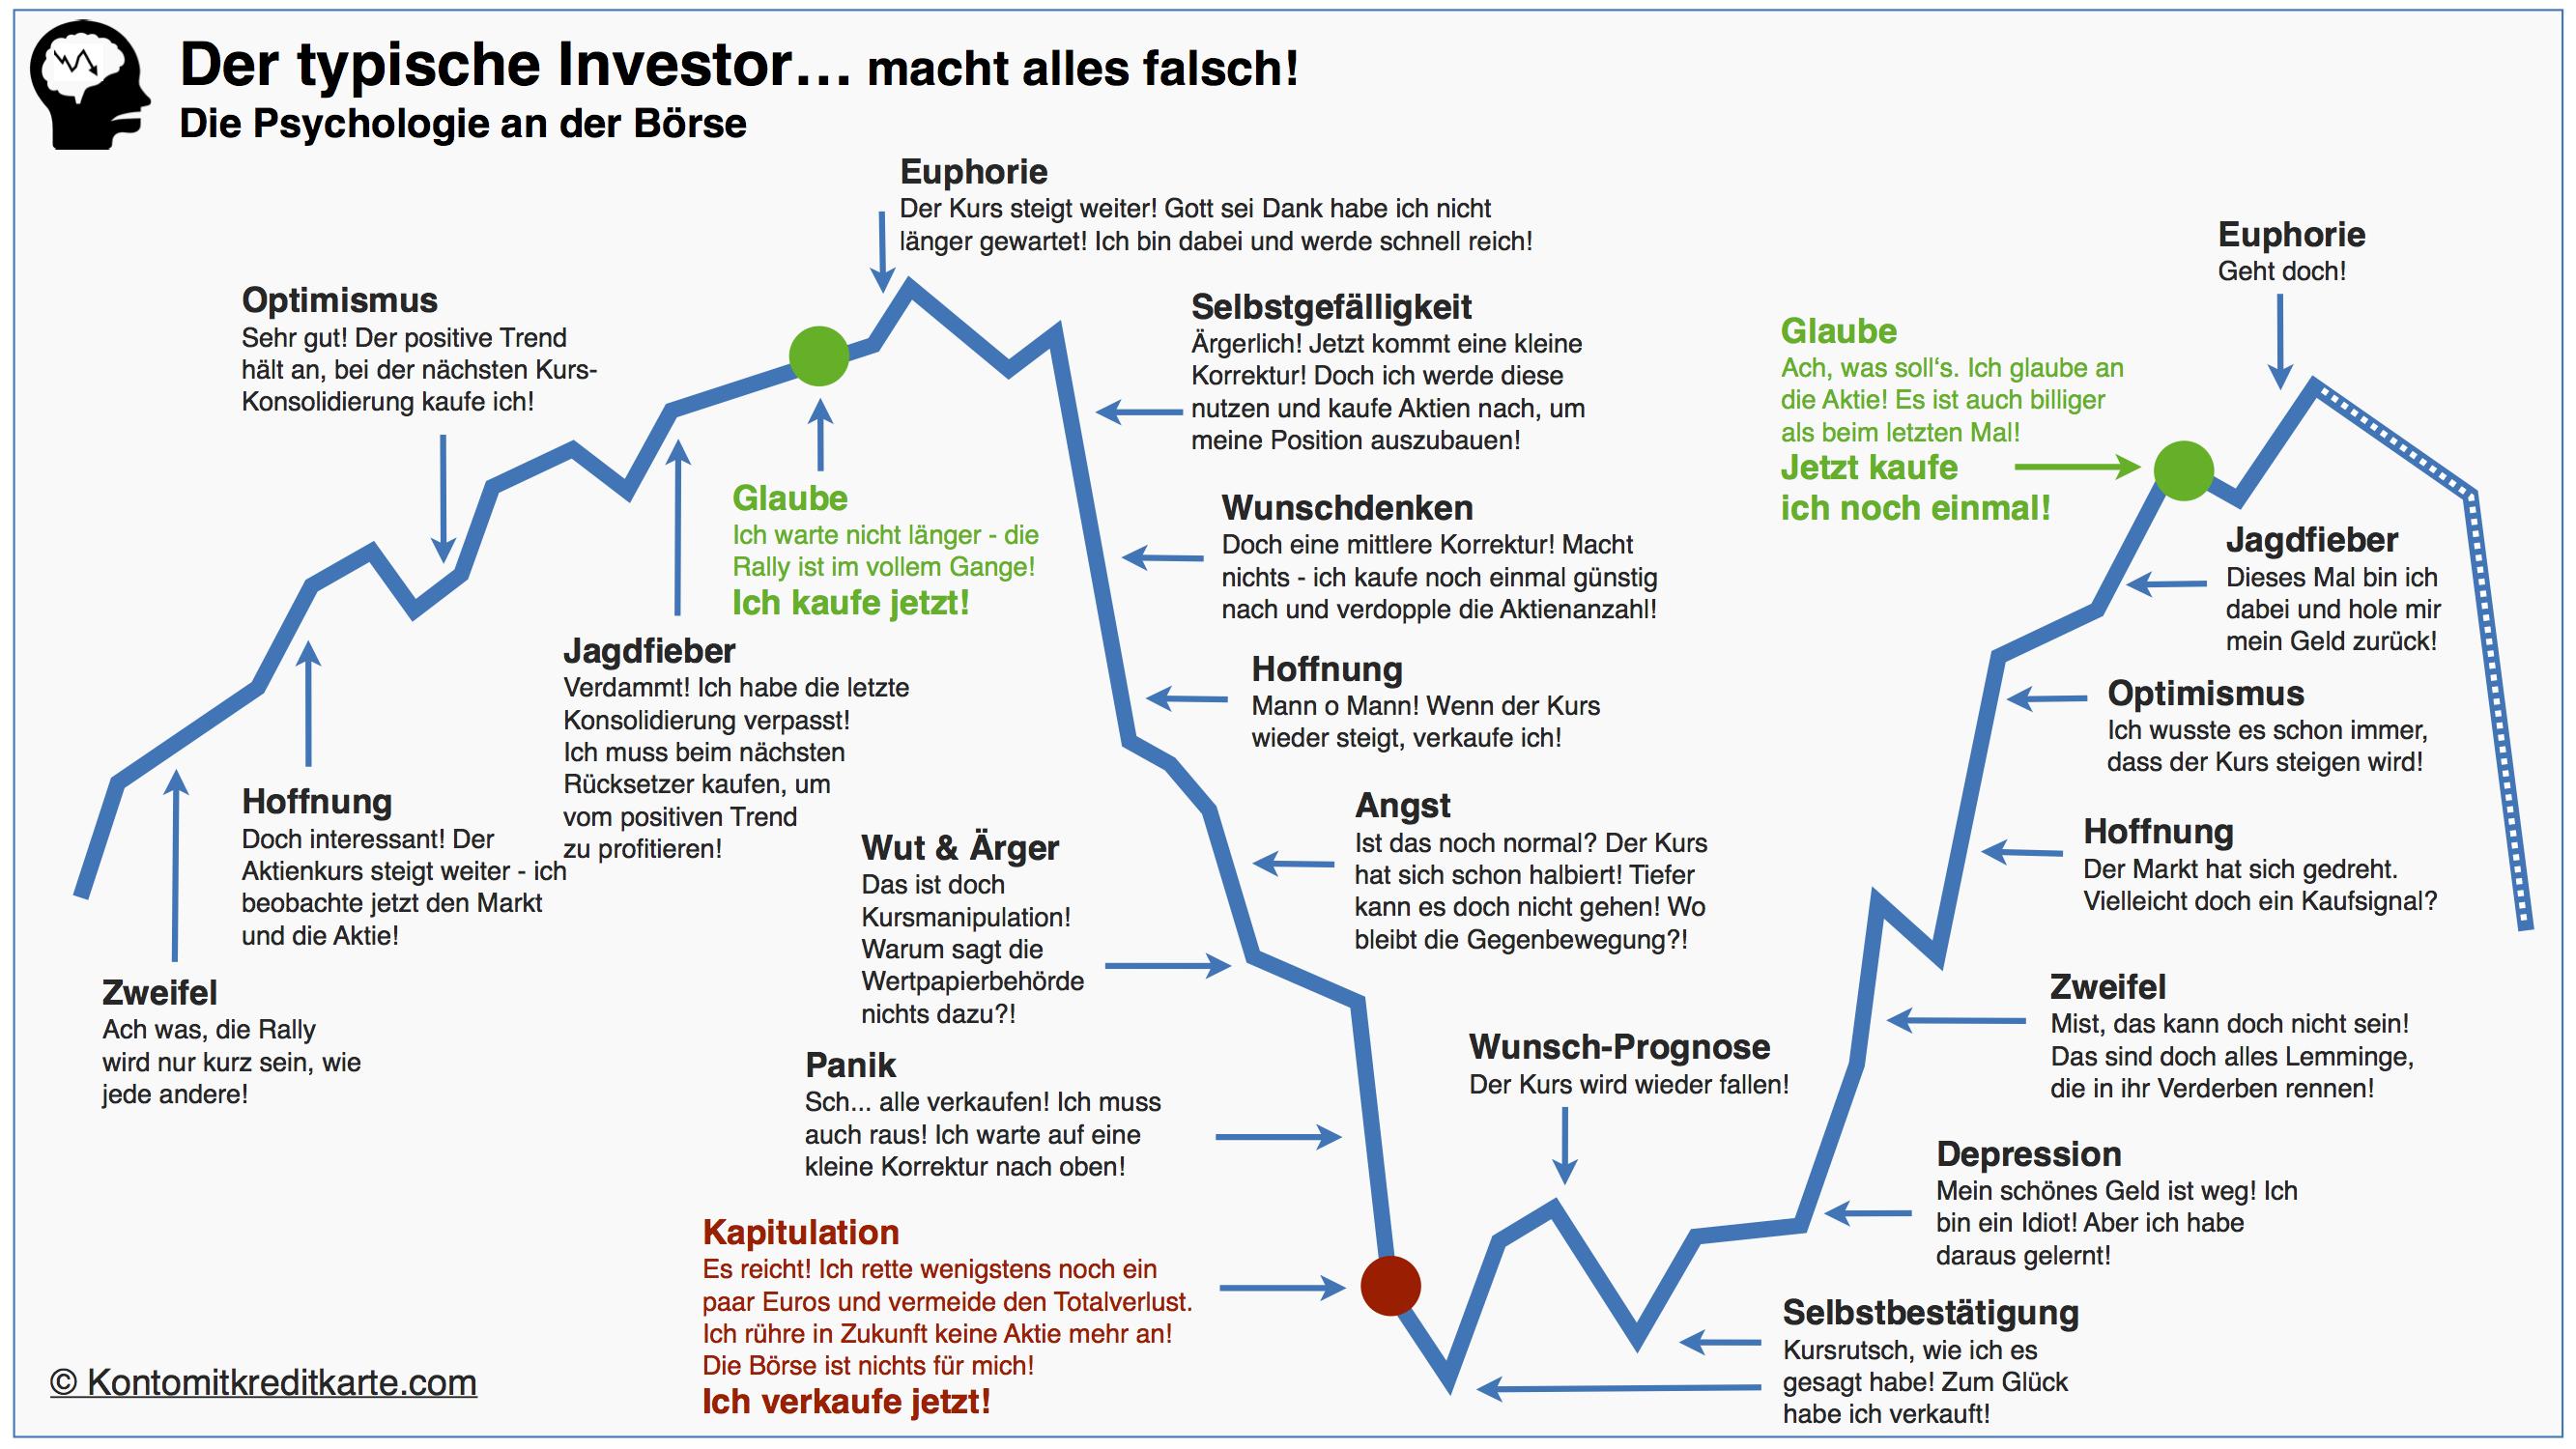 Online-Broker Der Typische Investor